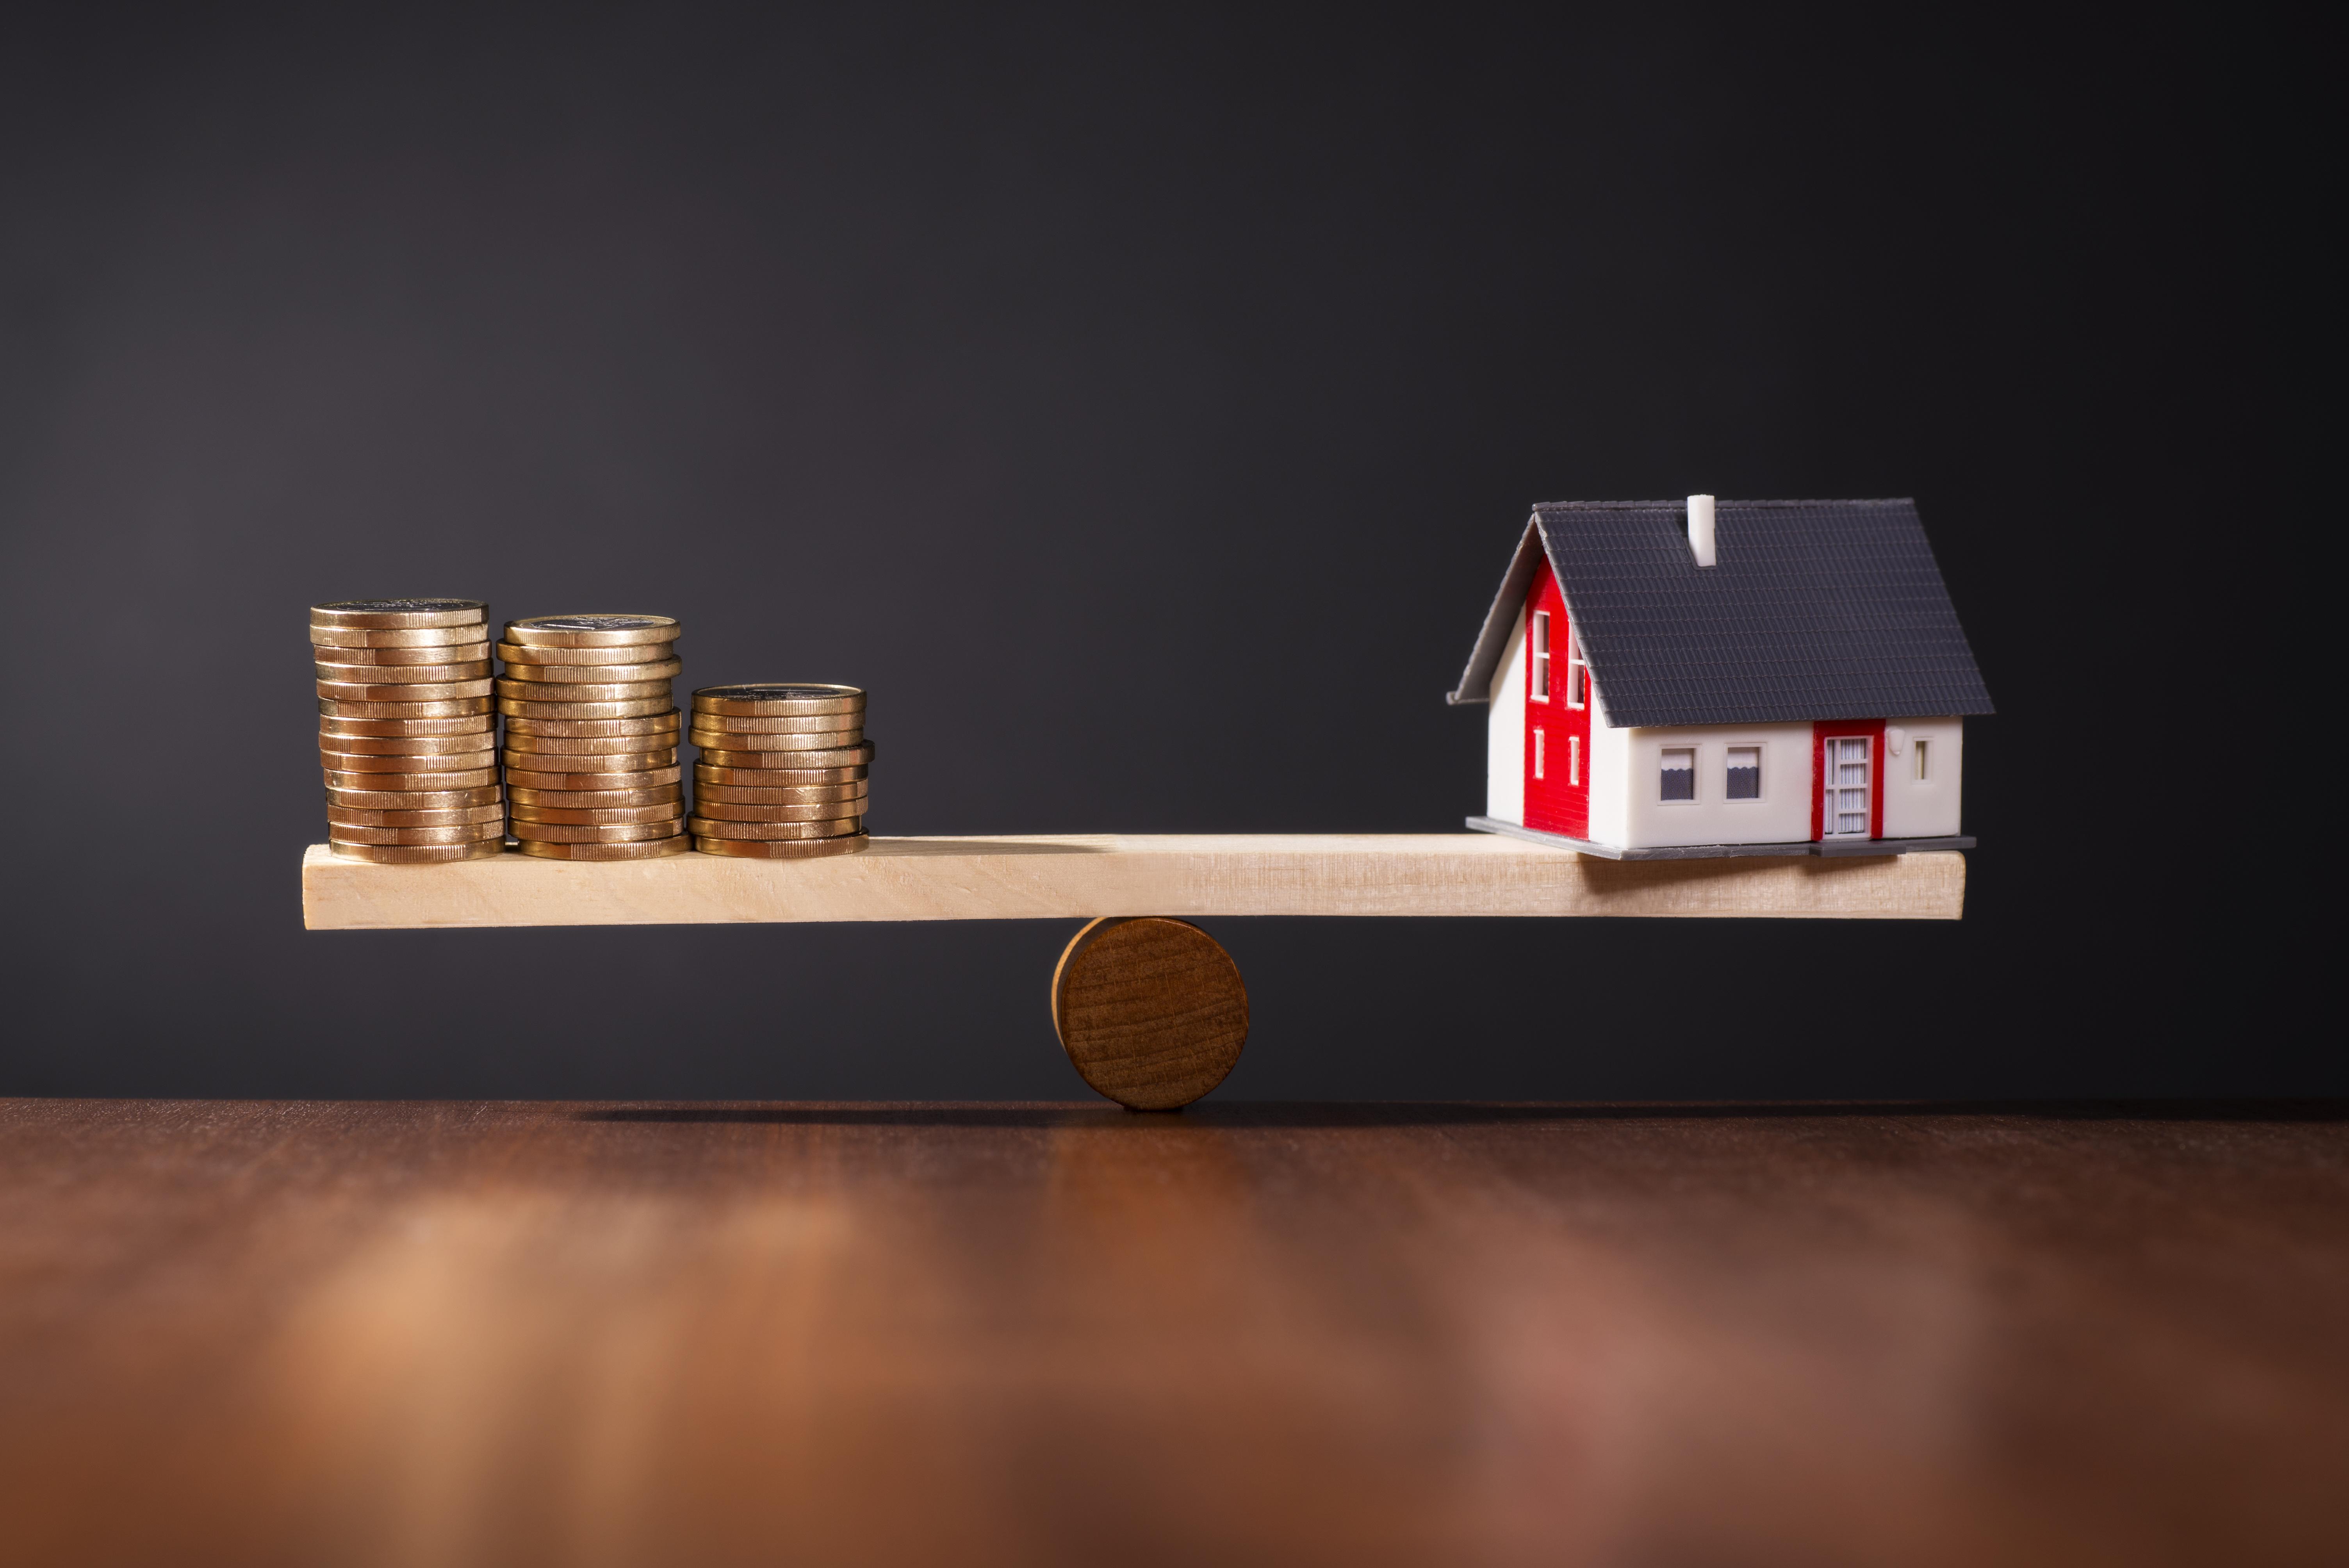 Les frais de notaire l achat d un bien immobilier - Achat immobilier frais de notaire ...